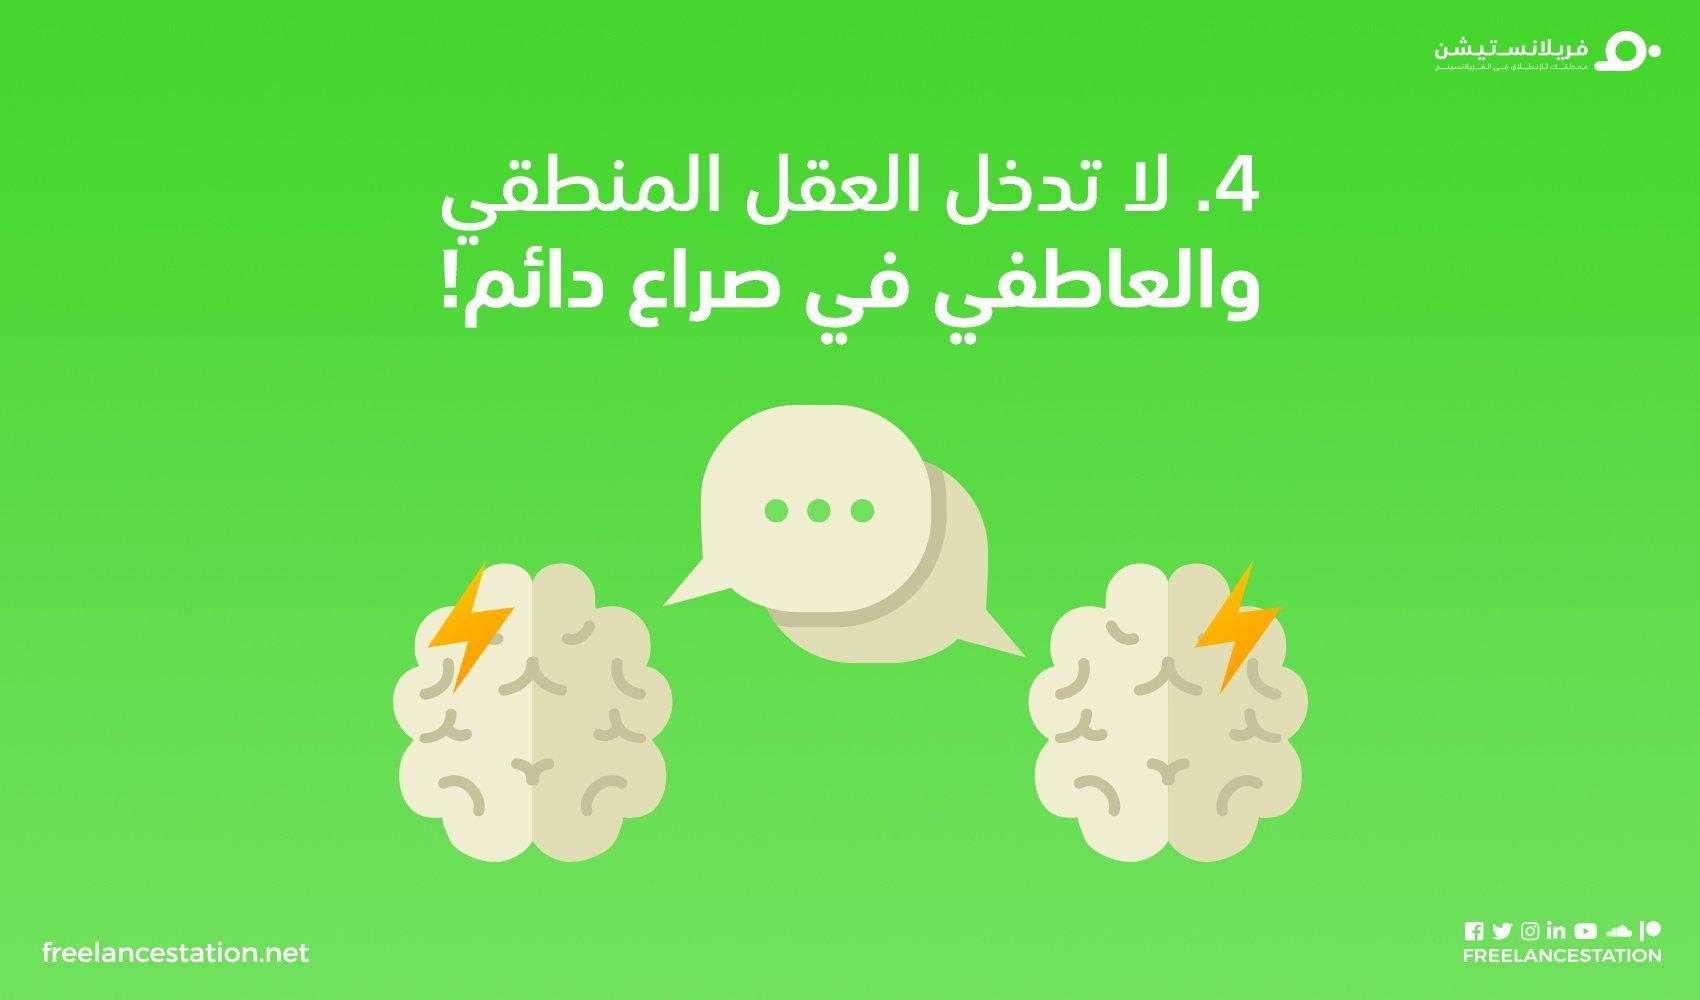 4. لا تدخل العقل المنطقي والعاطفي في صراع دائم